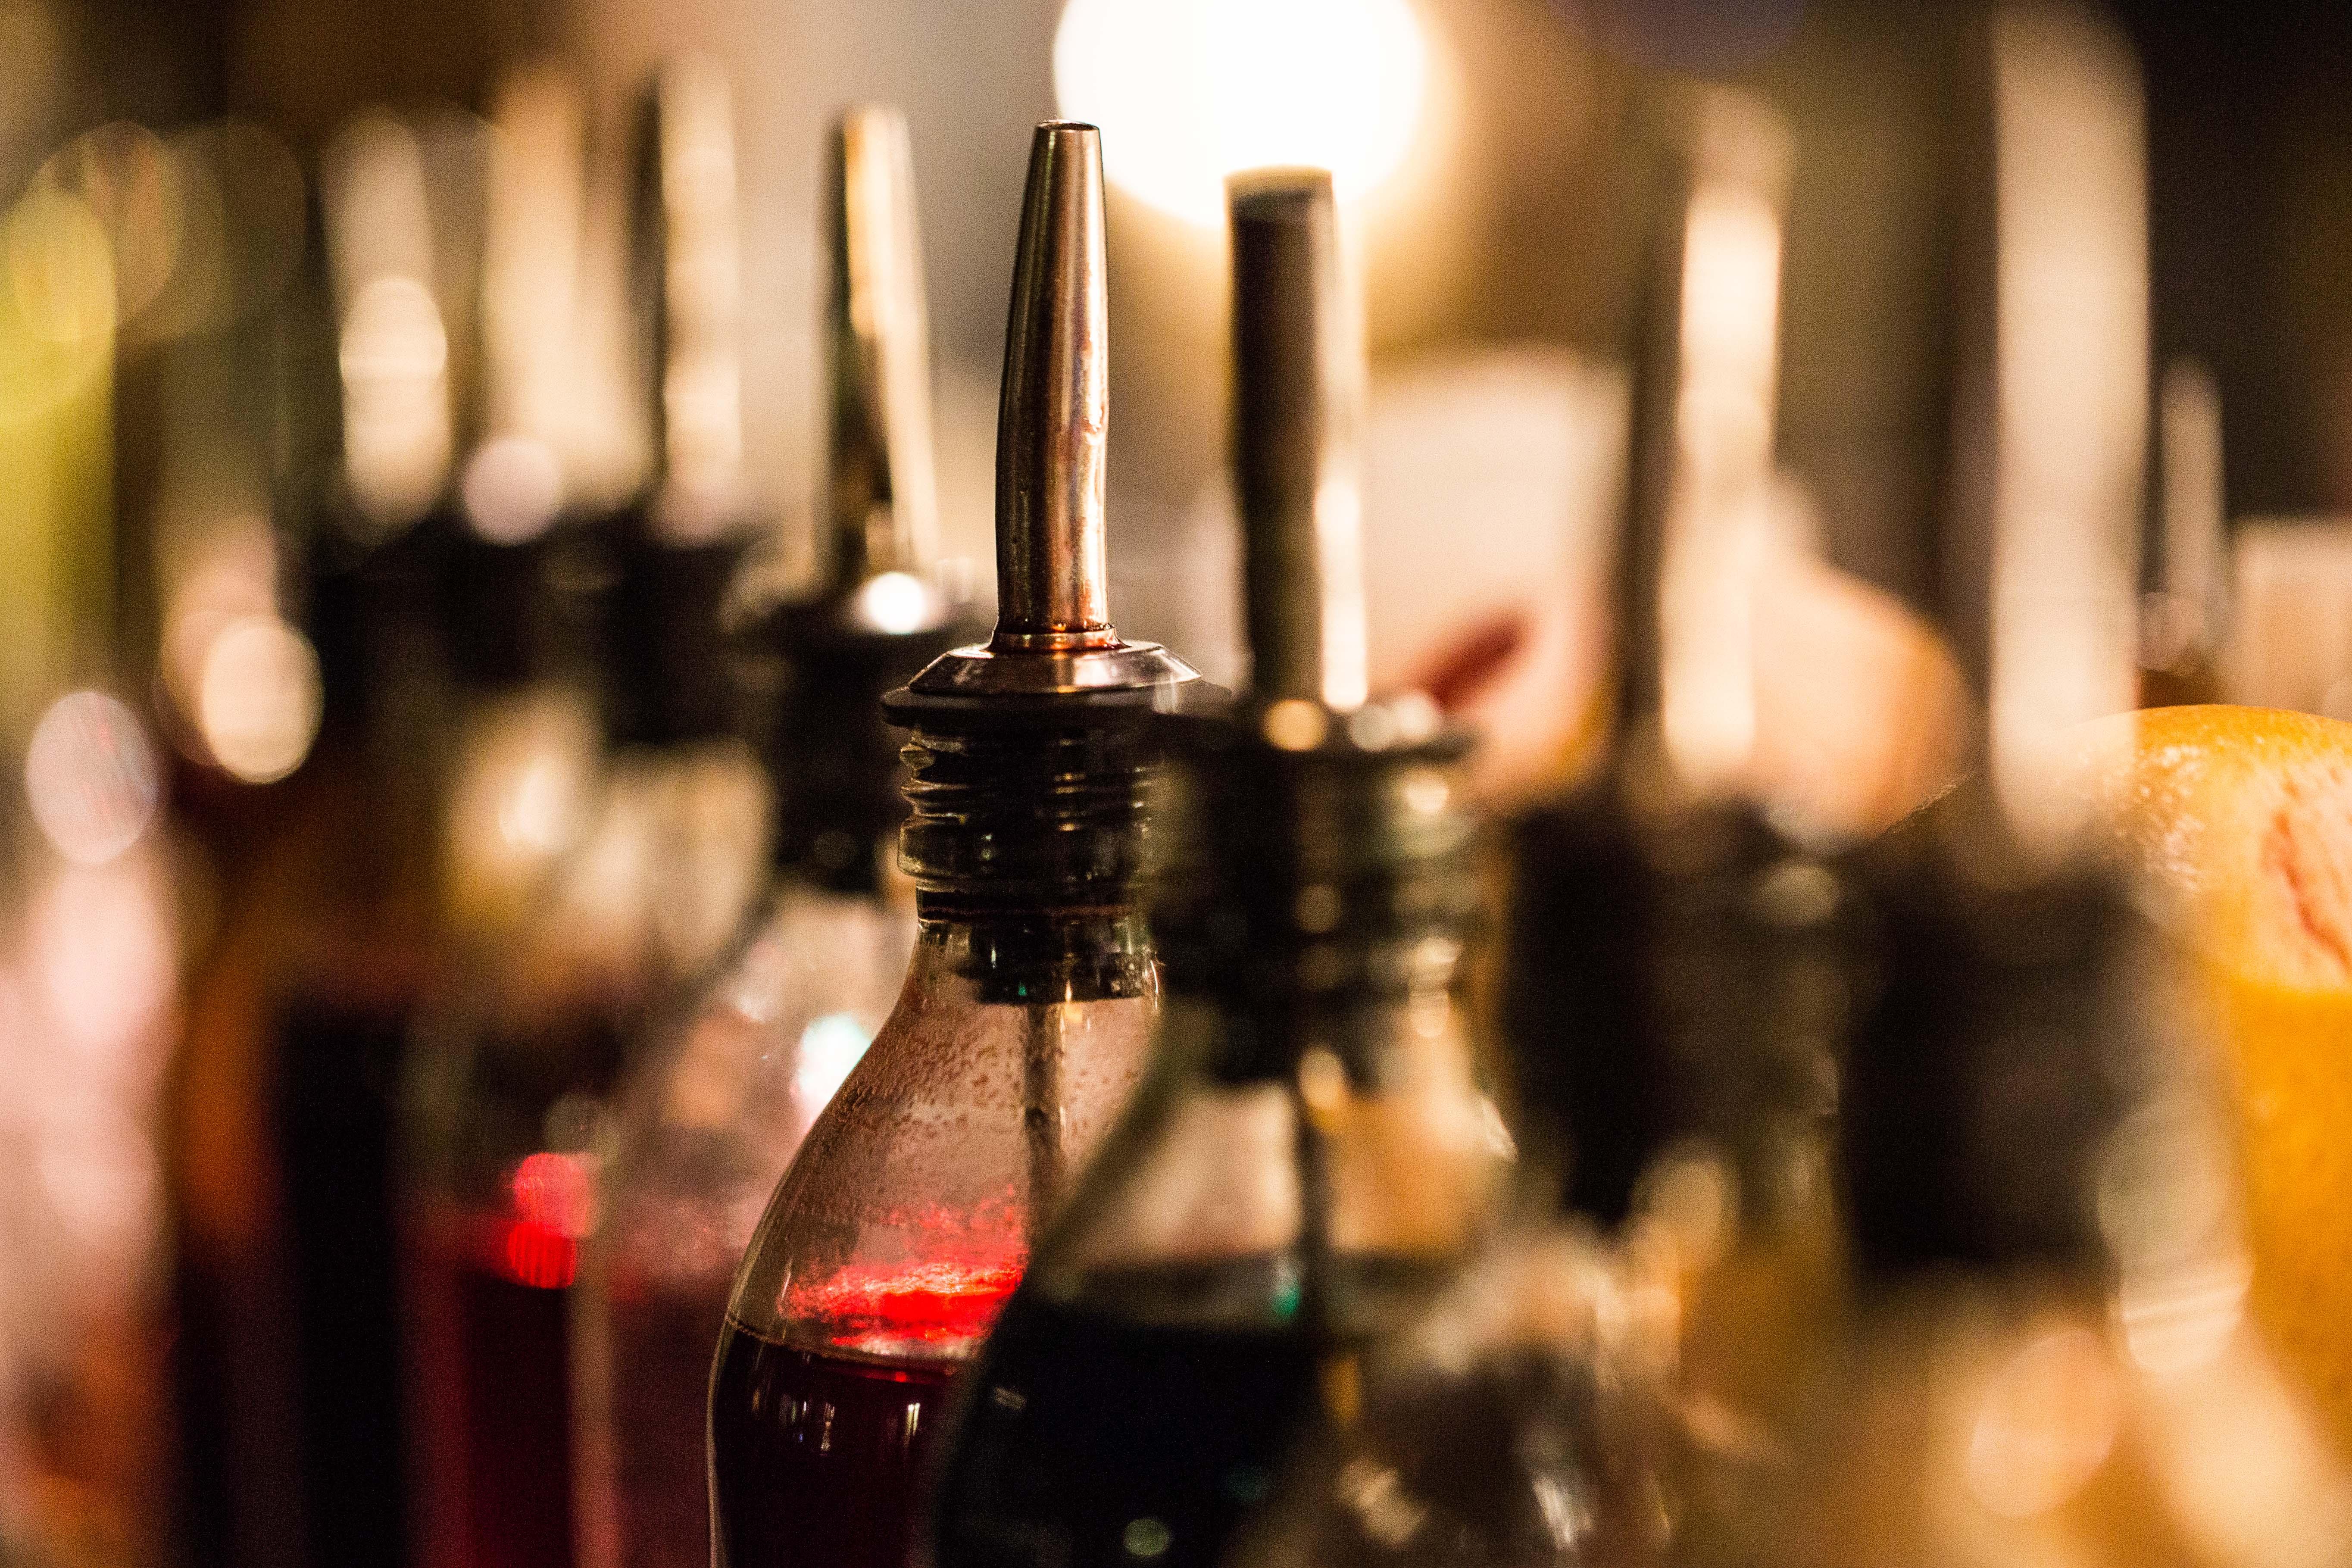 cocktail-fannygaudin-5292